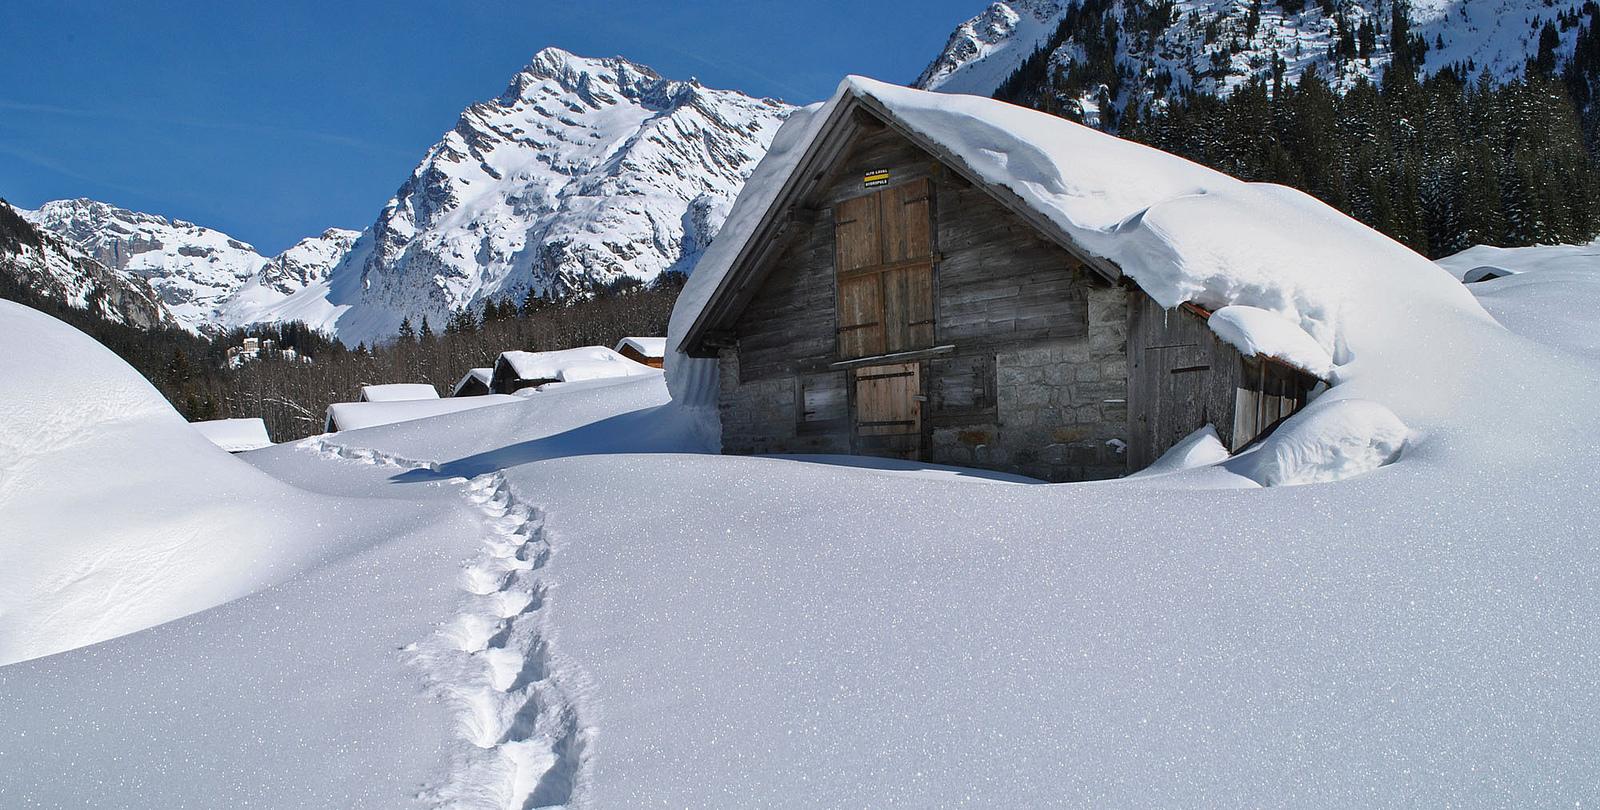 Наедине с красотой природы: лыжные трассы, где нет туристов